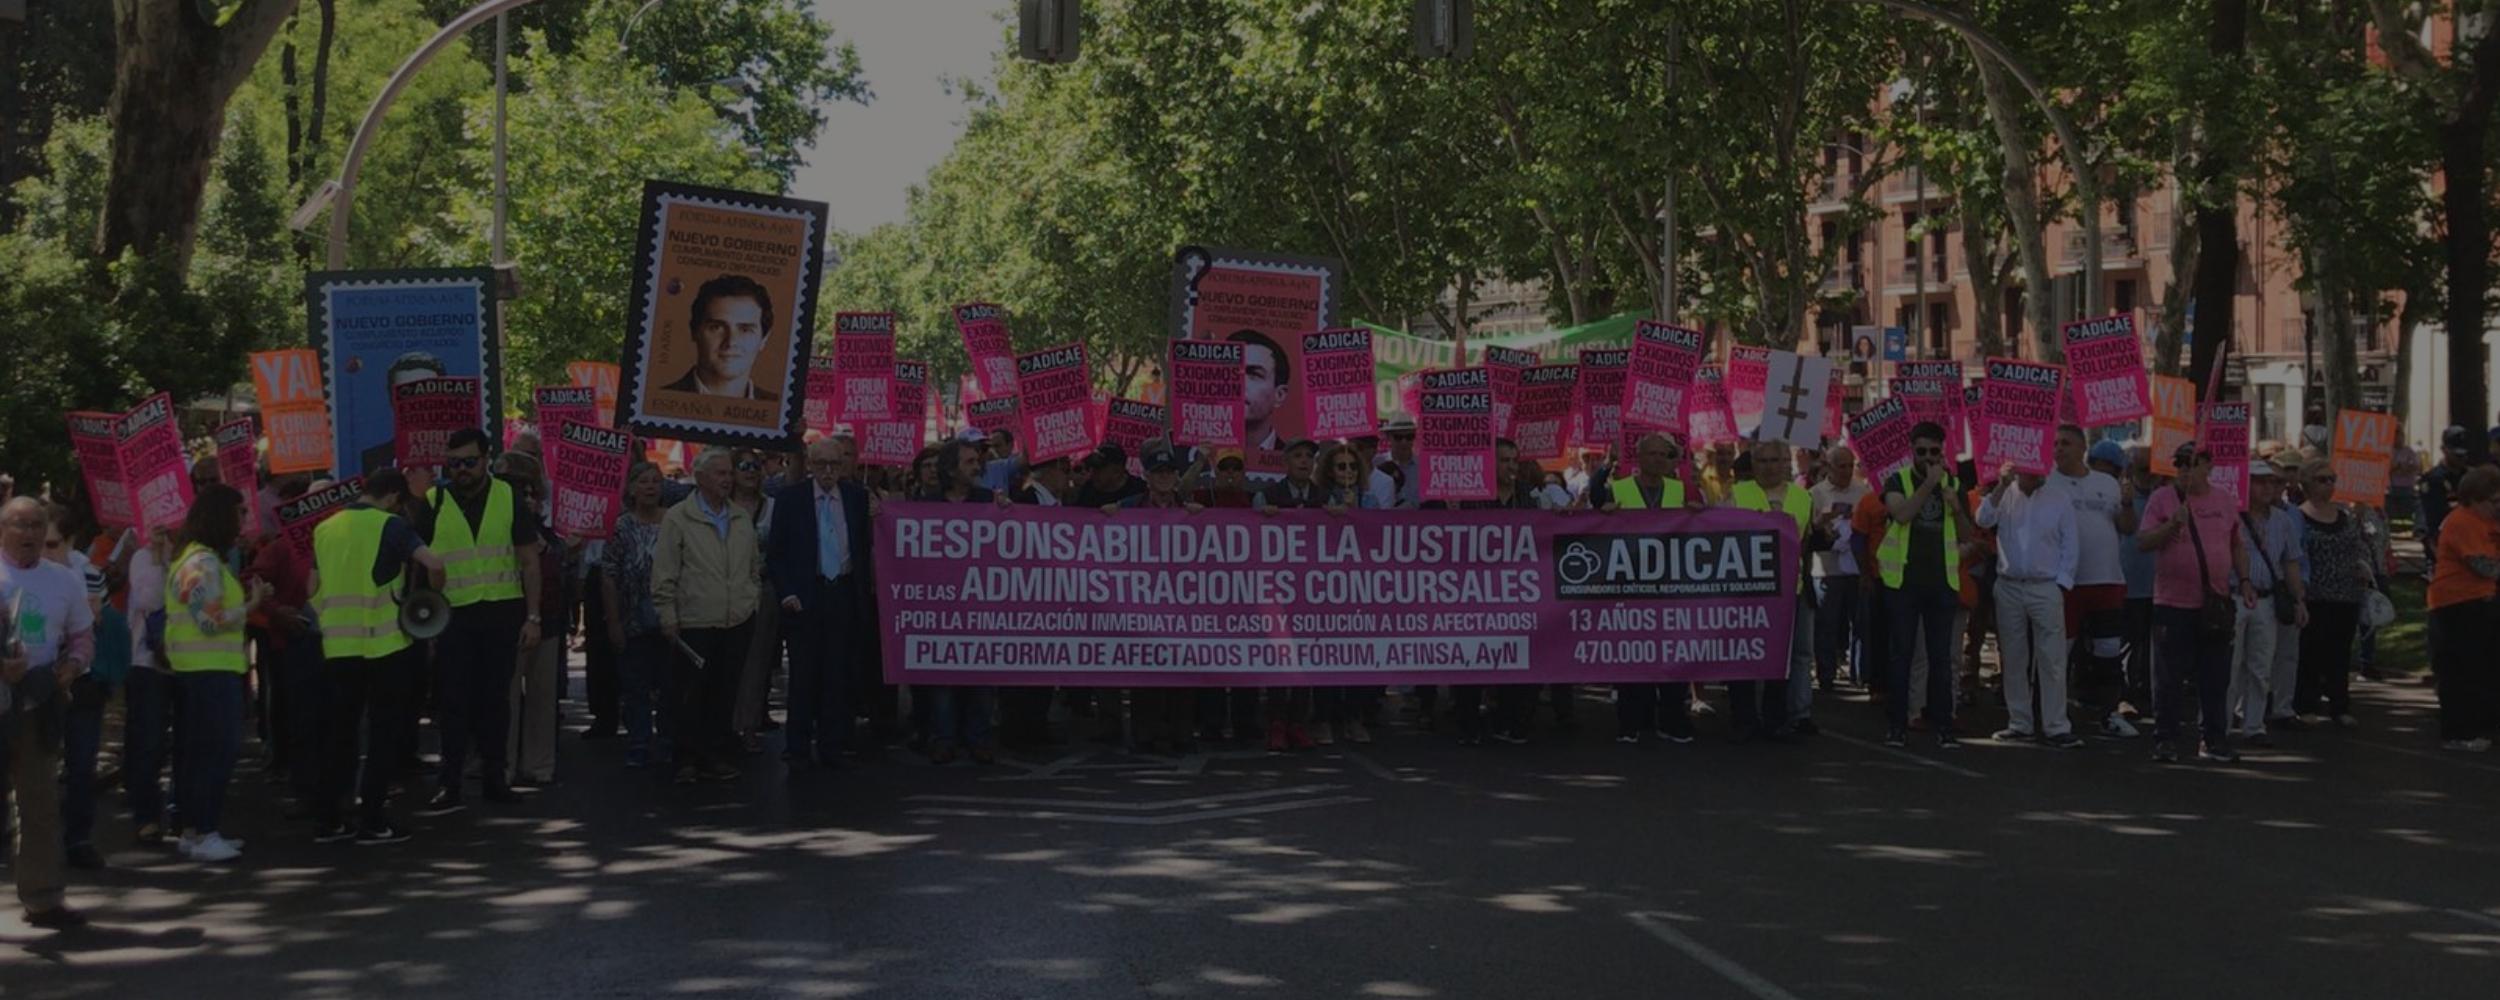 ADICAE continúa en defensa de los derechos de los consumidores a pesar de la crisis del coronavirus